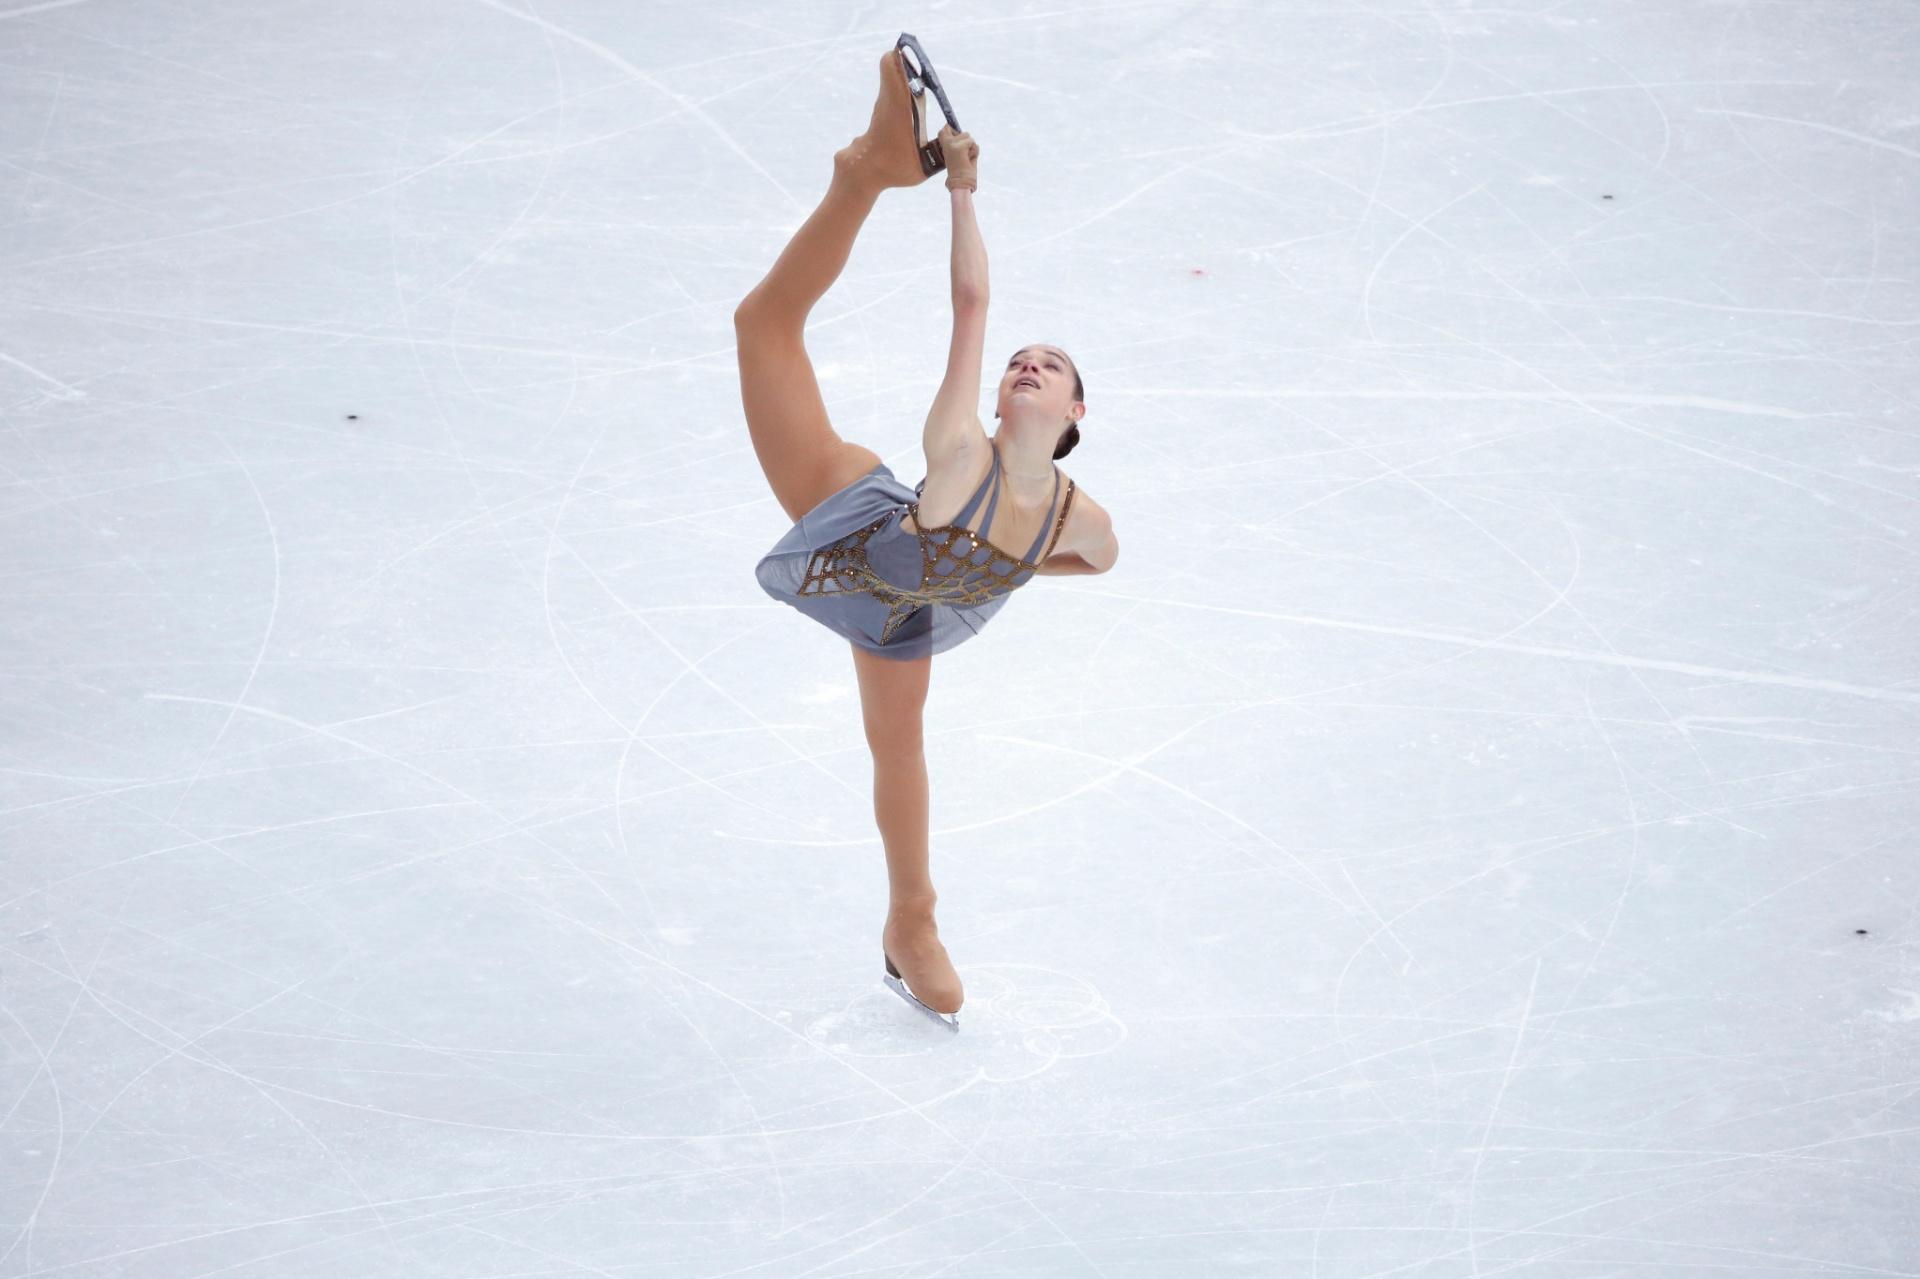 UMA VITÓRIA RUSSA EM CASA - Nas Olimpíadas de Inverno de Sochi, em fevereiro, Adelina Sotnikova se tornou a primeira mulher russa, ou soviética, a levar o ouro na patinação artística -- surpreendendo Kim Yu-na, sul-coreana que defendia a primazia da categoria e ficou com a prata. A vitória da atleta foi recebida com muito orgulho pela maioria da população do país que sediou aquela que se acredita ter sido a Olimpíada mais cara da história. A Rússia gastou US$ 51 bilhões para transformar o balneário meio decadente do mar Negro em destaque no cenário internacional; a China, por exemplo, gastou US$ 40 bilhões para fazer os Jogos de Pequim, um evento muito maior